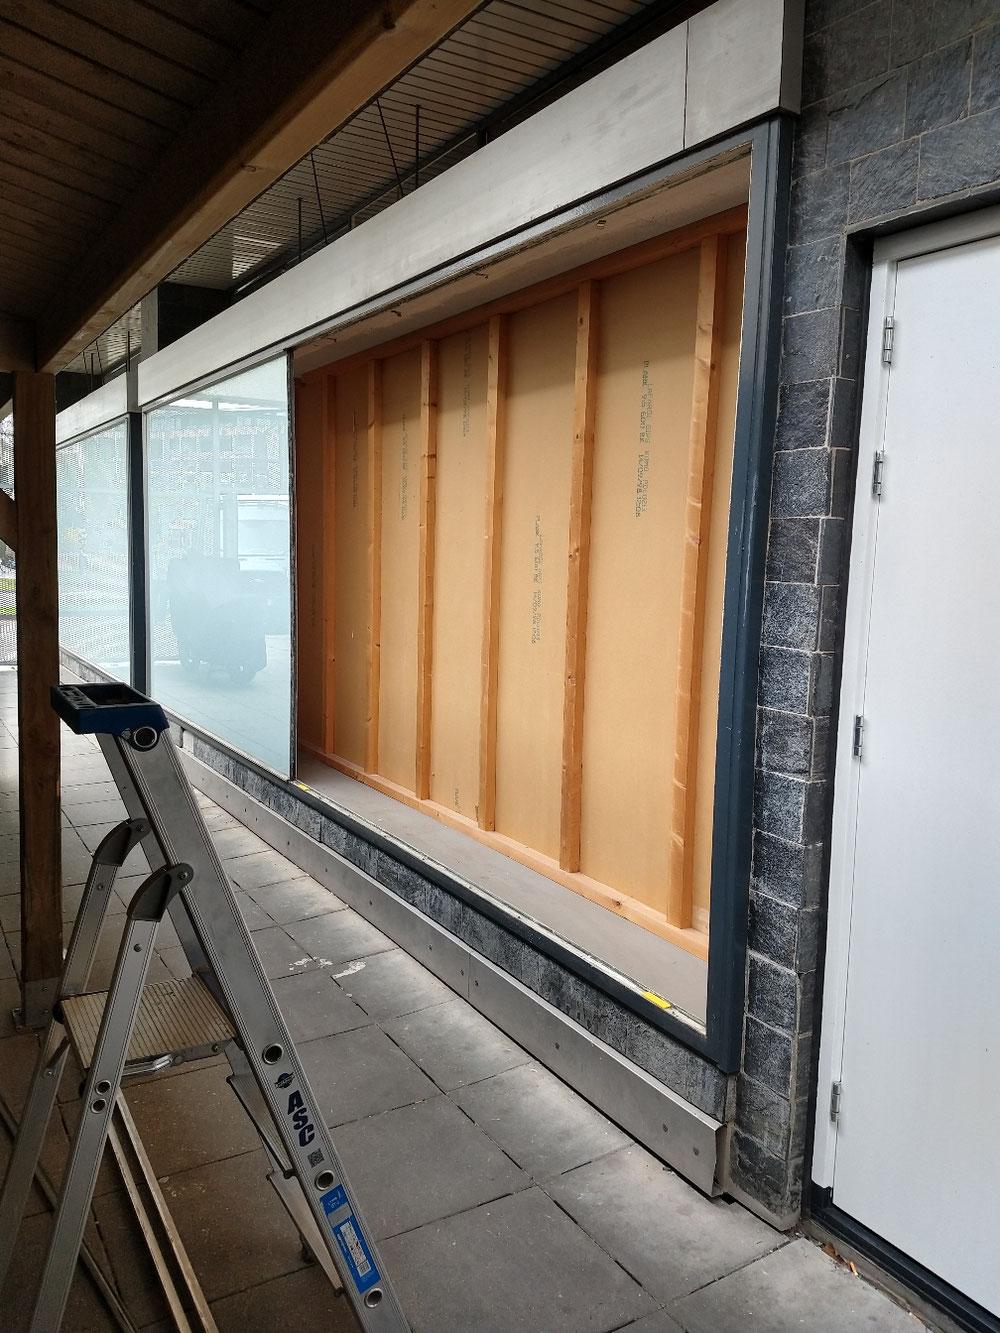 Grote raam verwijderd alles netjes opgeruimt